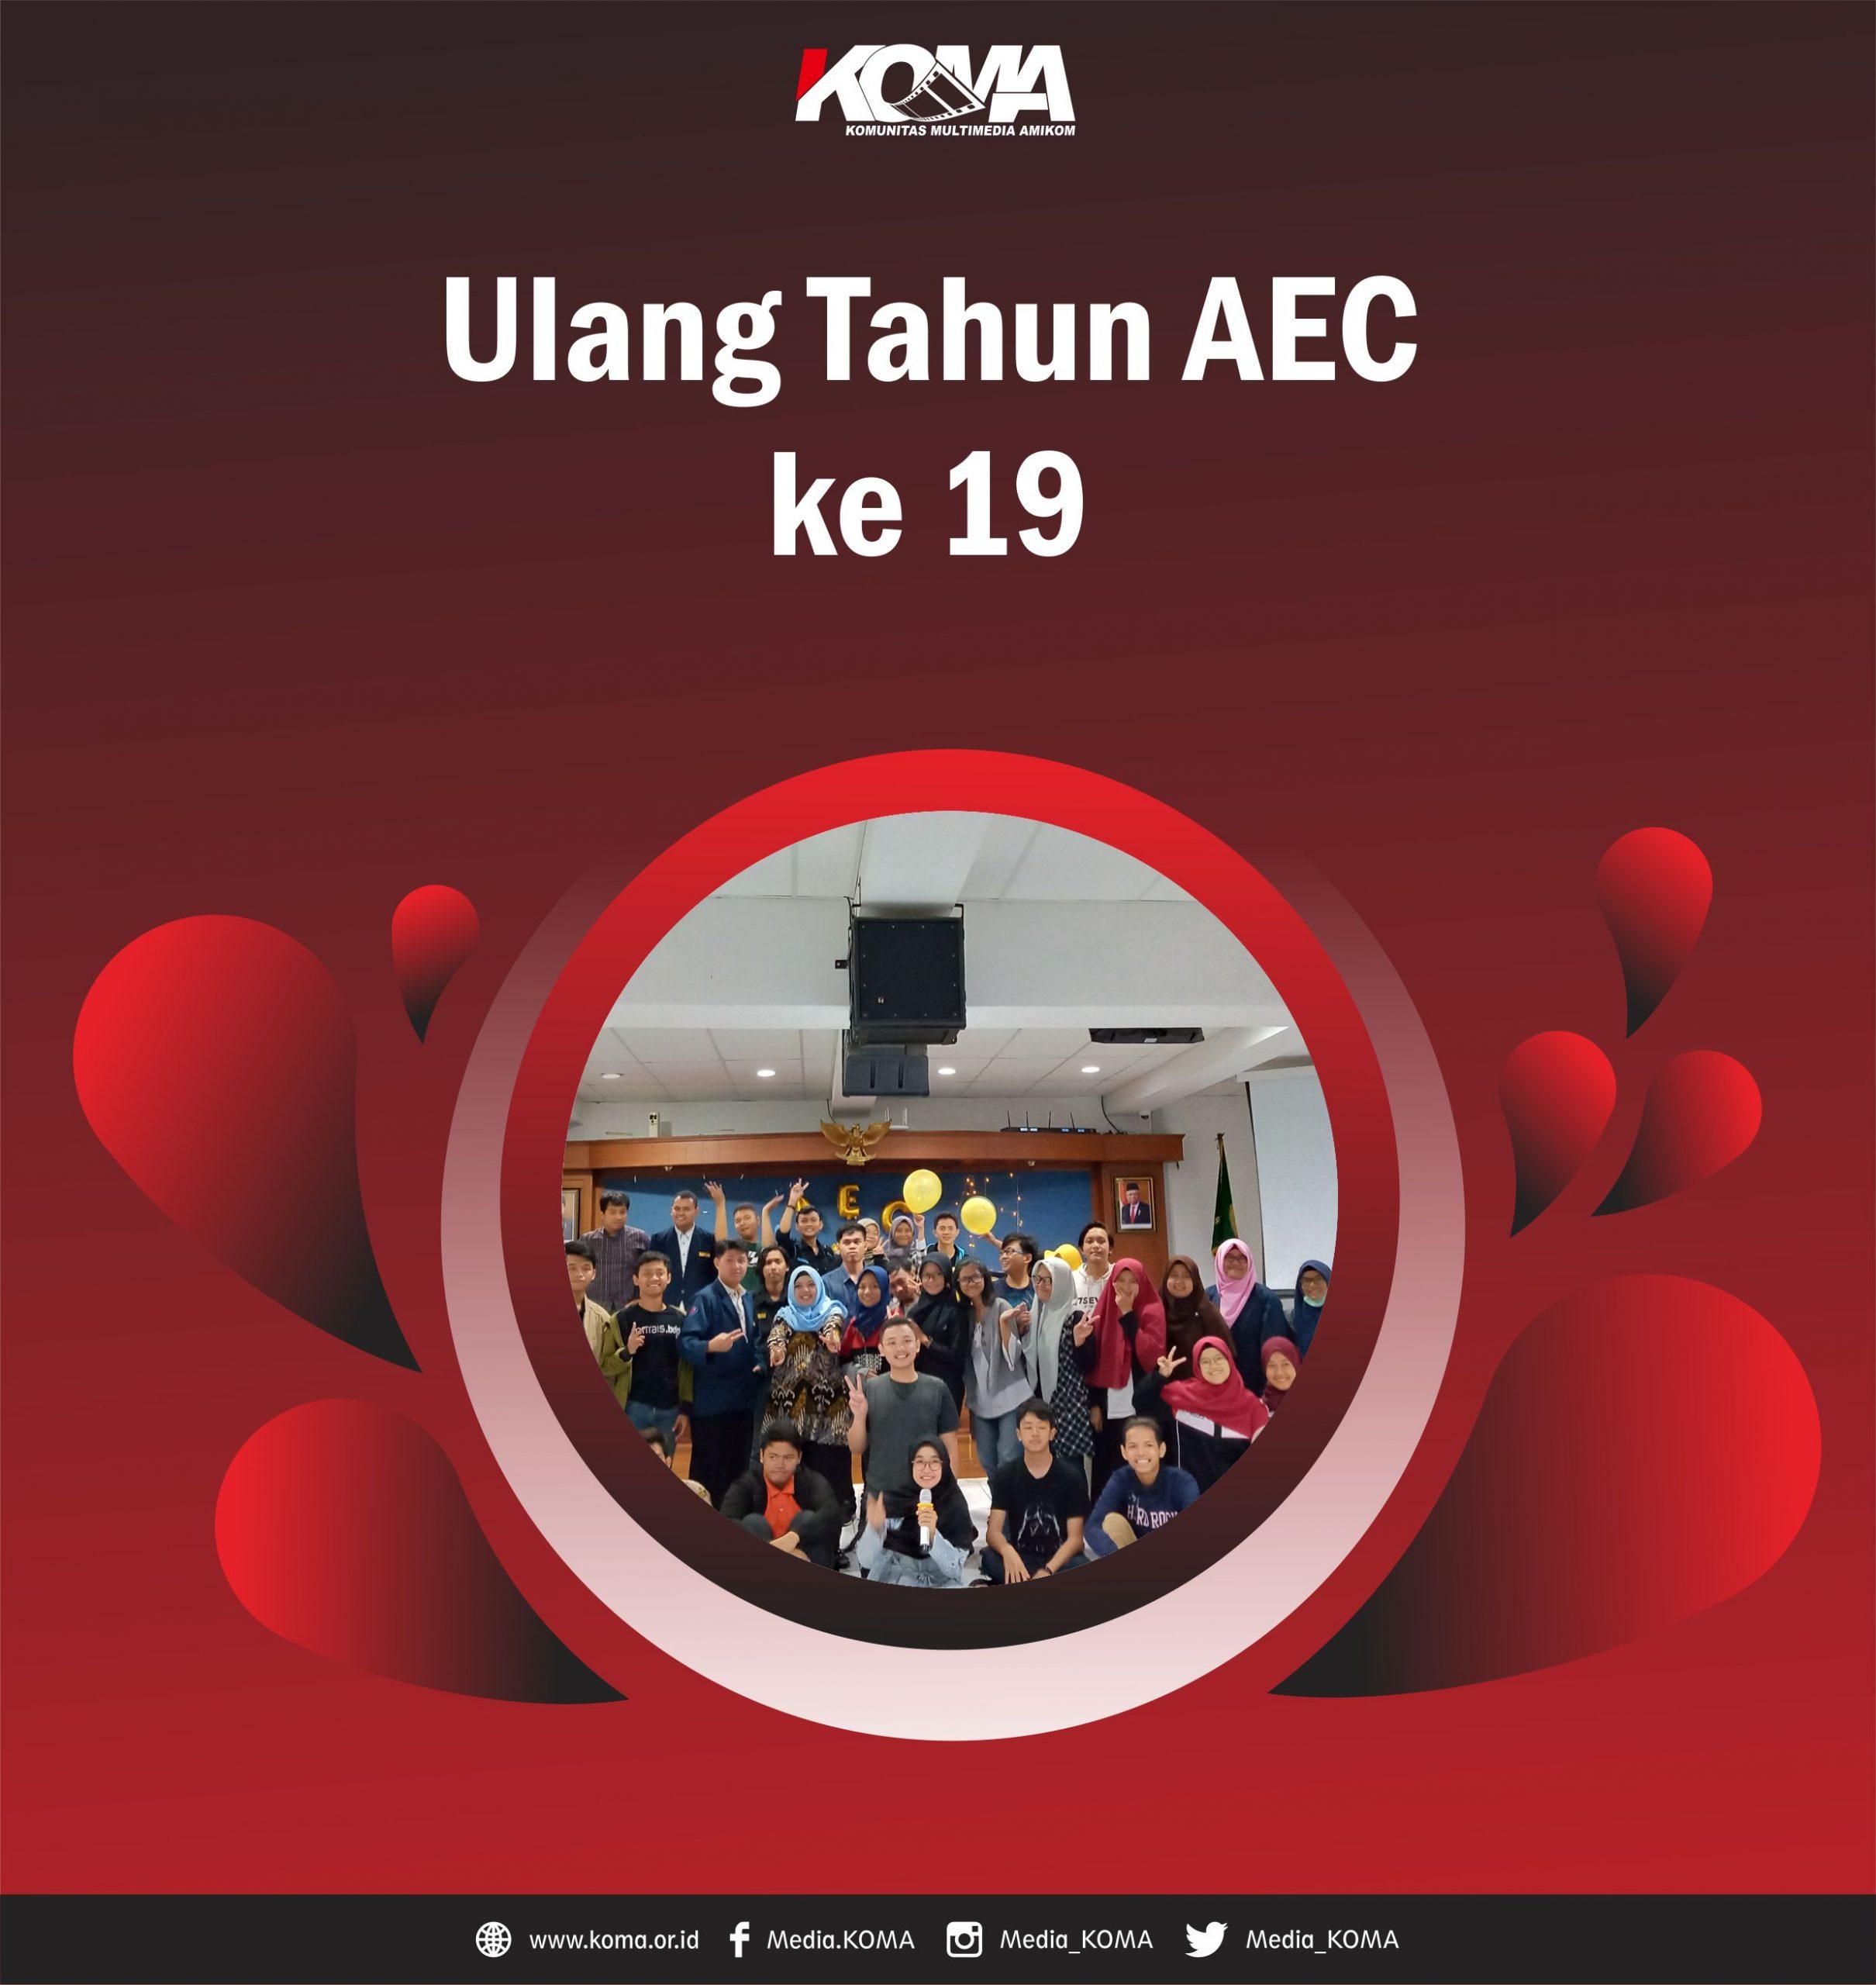 Ulang-Tahun-AEC-ke-19